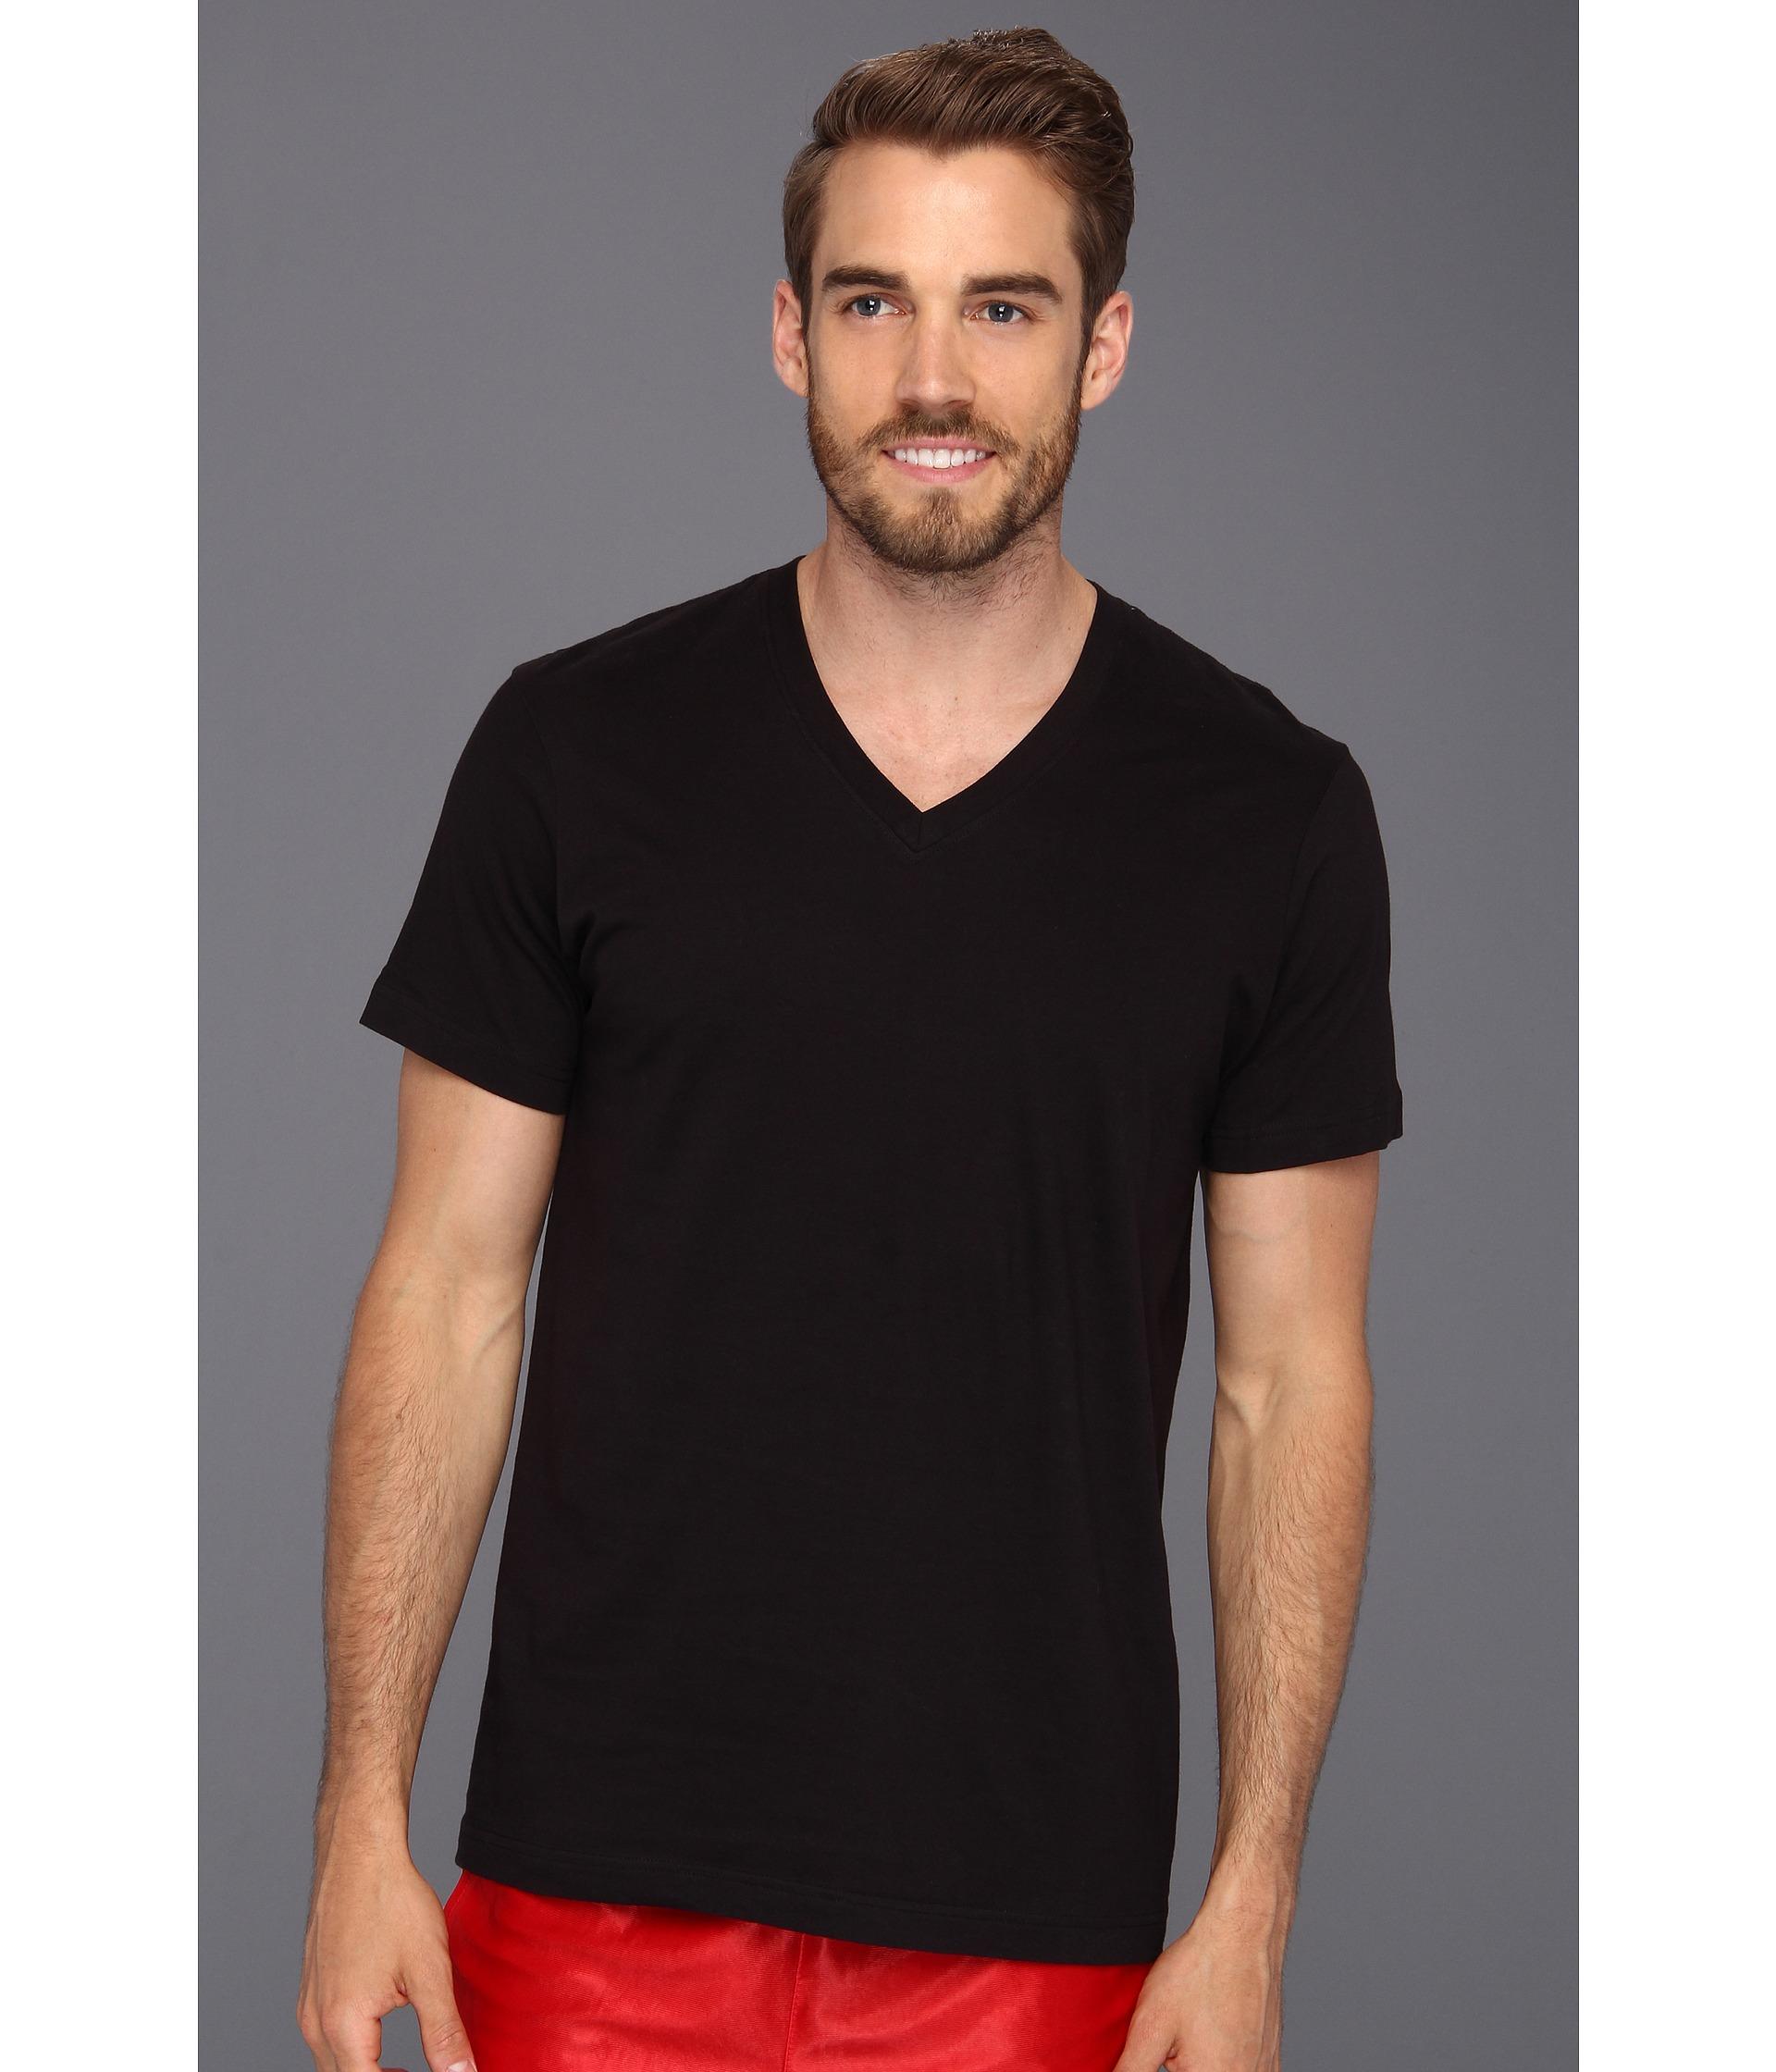 Low Cut Mens V Neck T Shirts